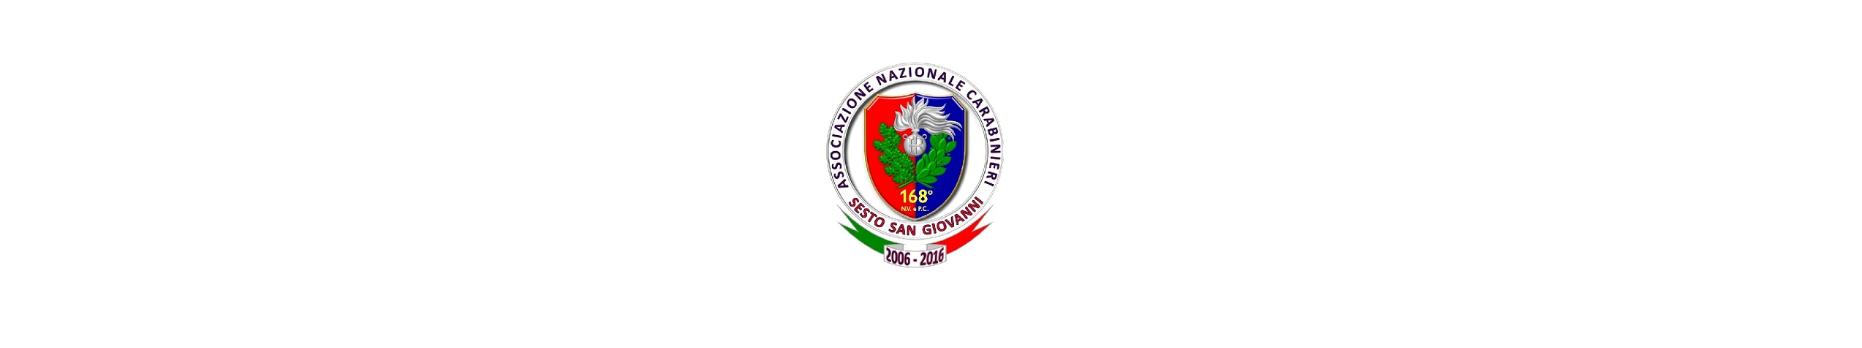 Associazione Nucleo Volontariato e protezione civile A.N.C. - logo